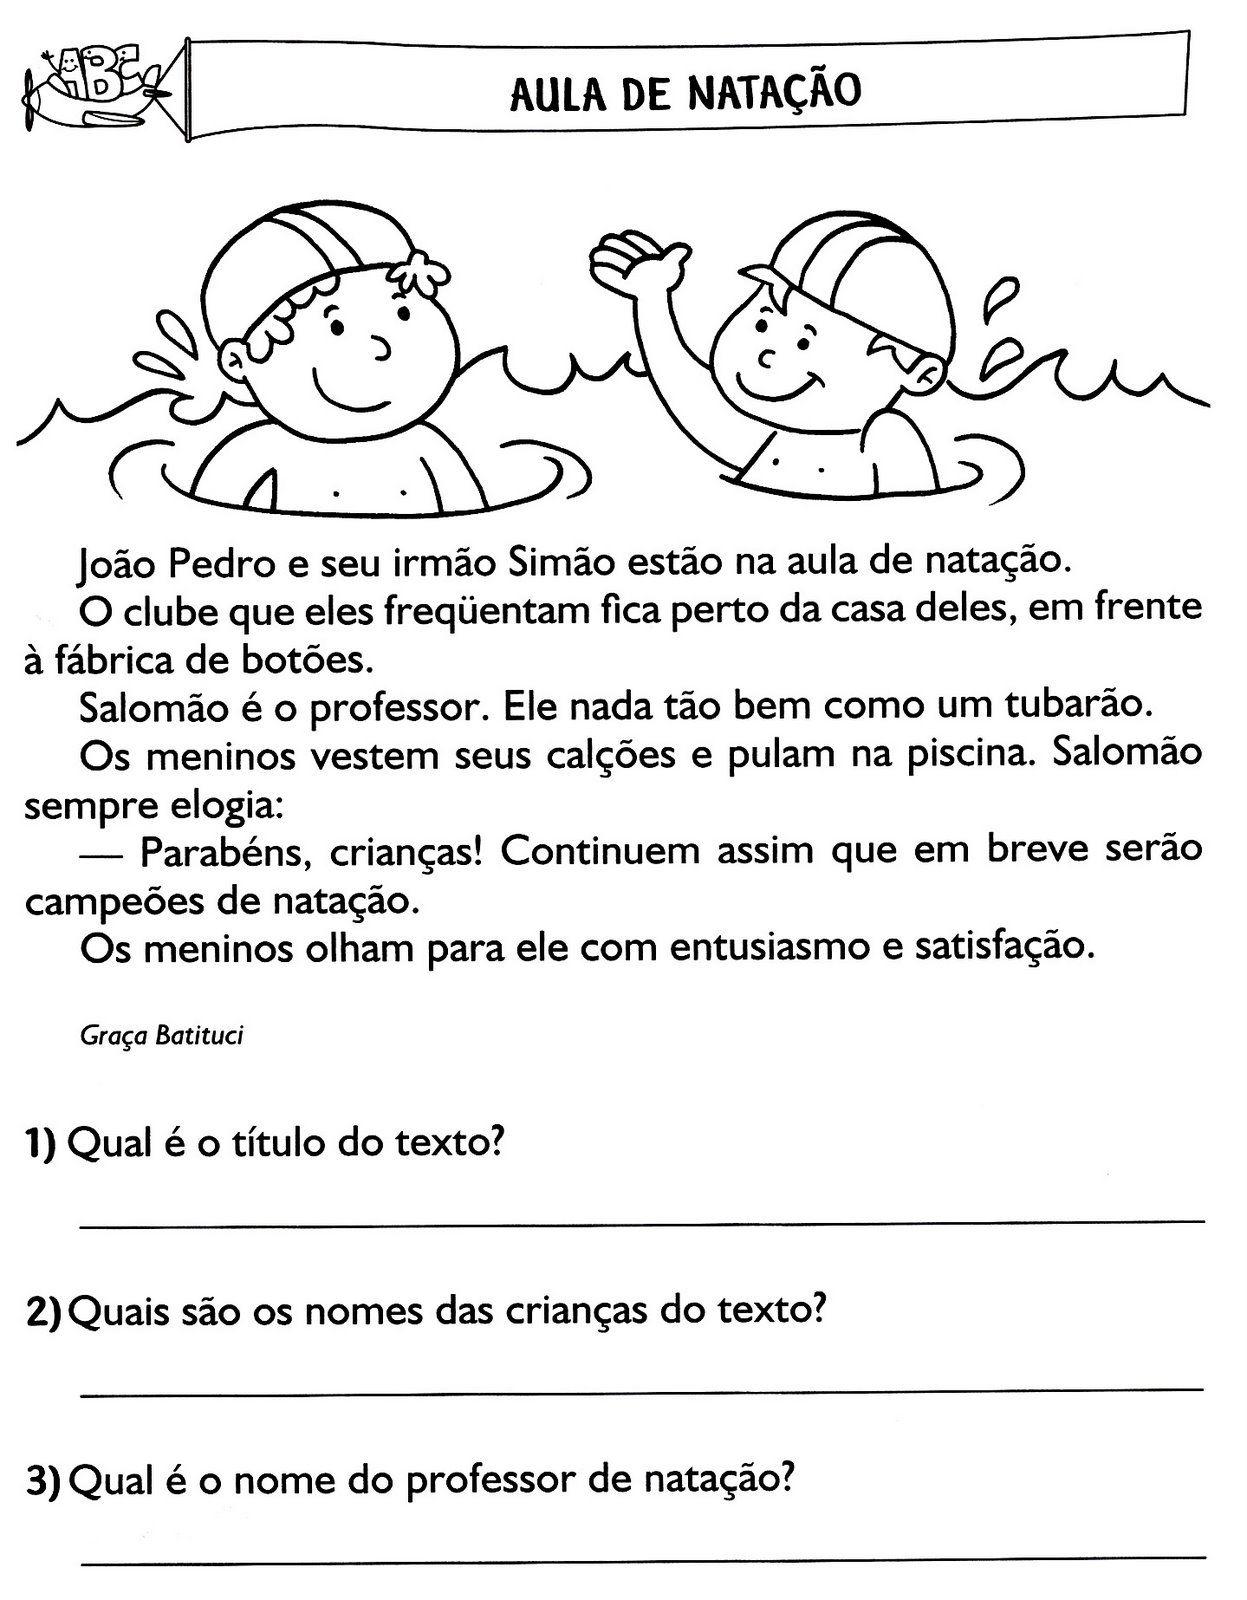 Populares atividades de interpretação de texto (13) | Jussara | Pinterest  HO87